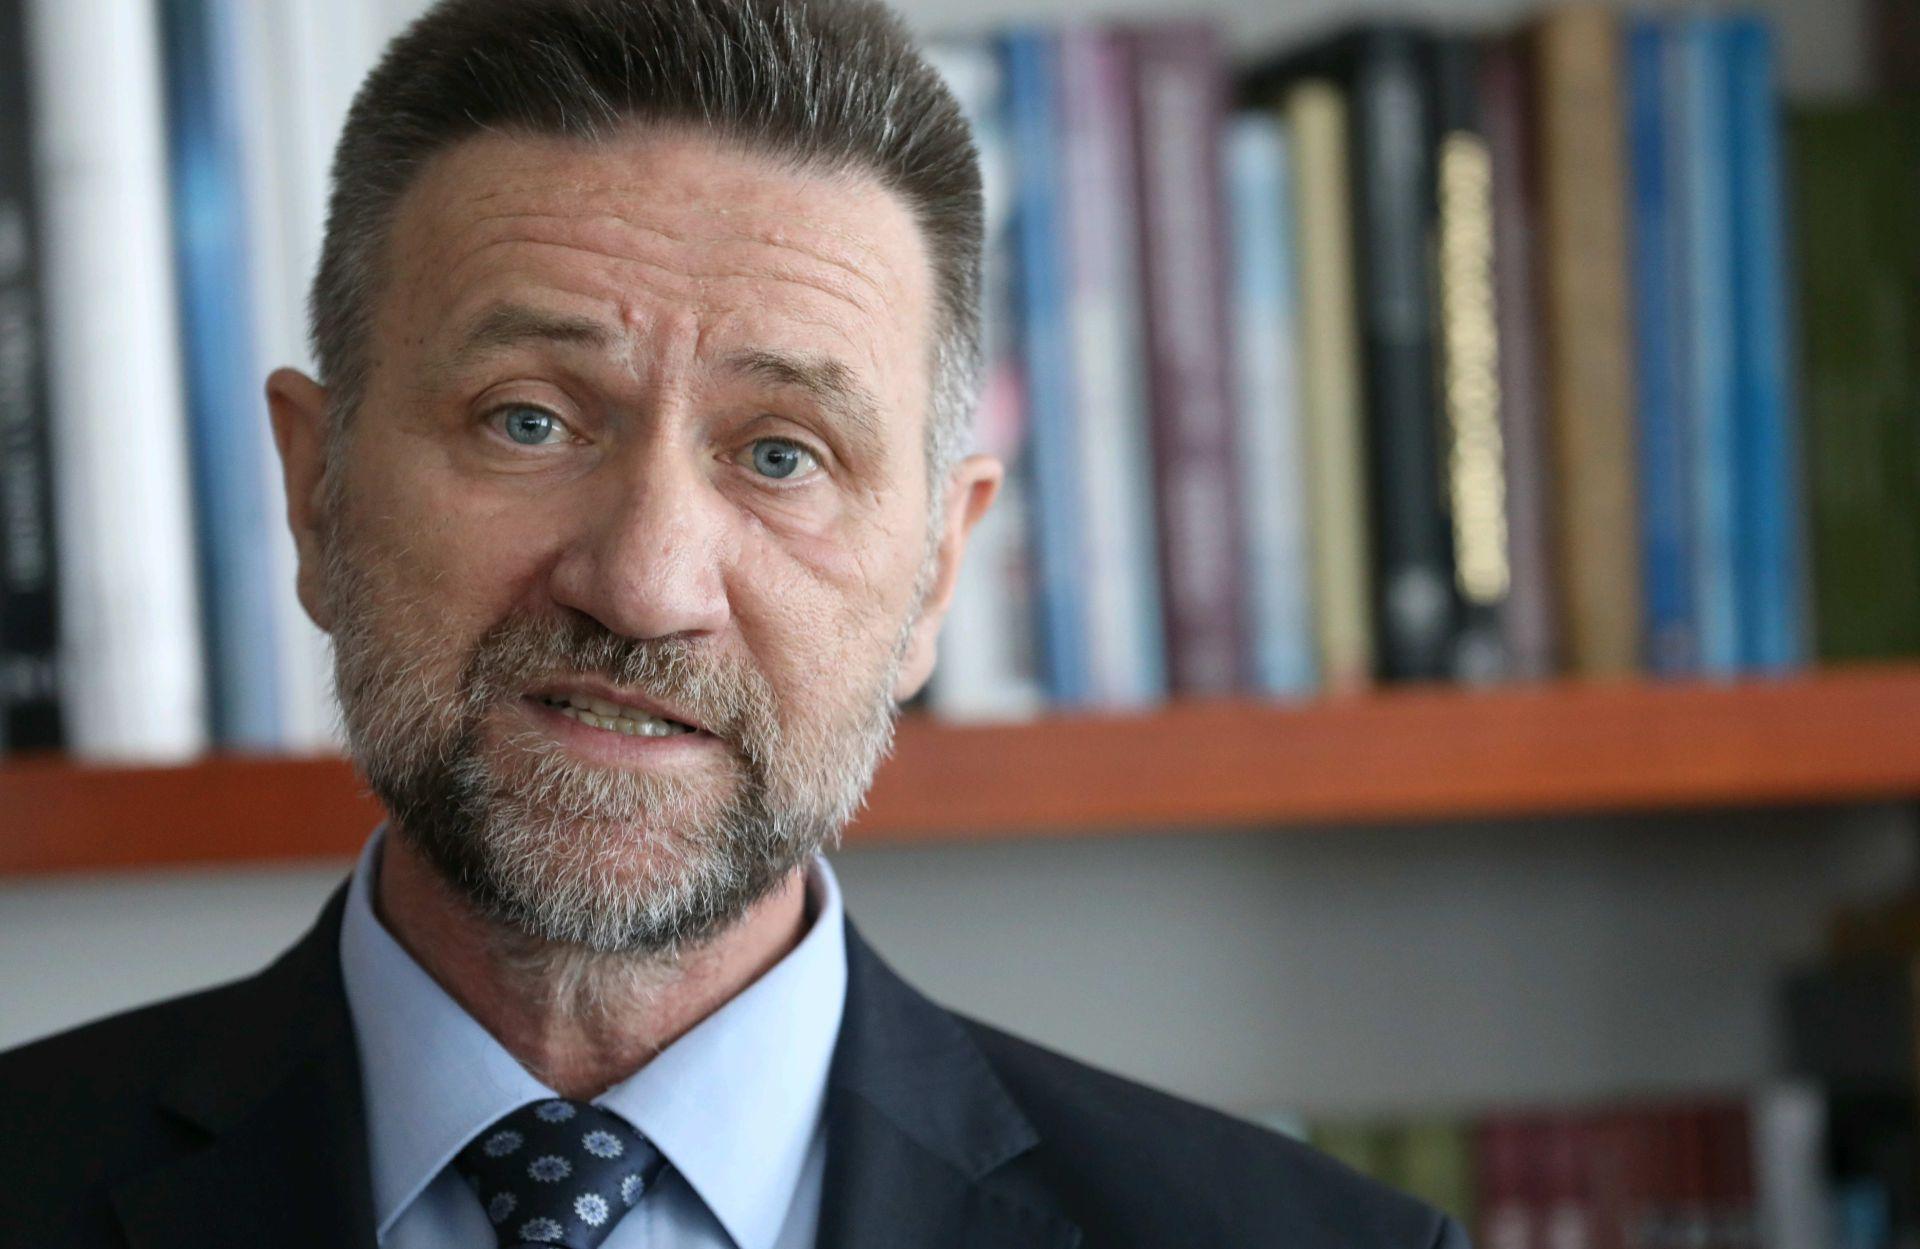 Nije pokrenut postupak za sukob interesa protiv bivšeg ministra Pave Barišića